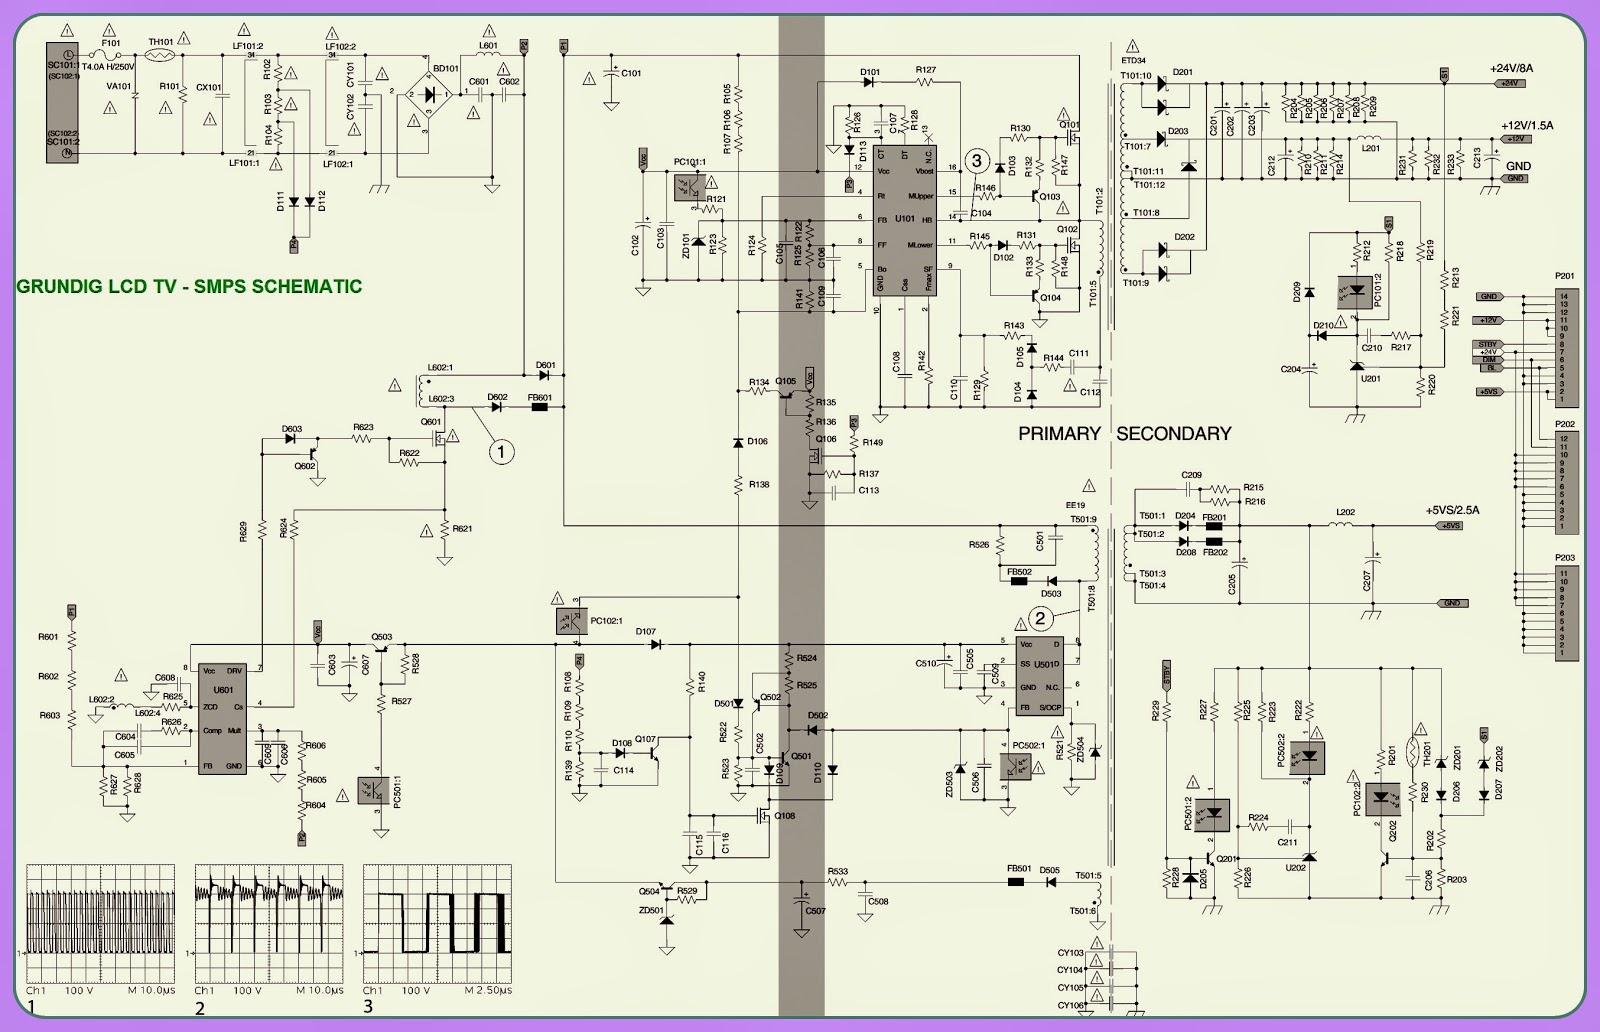 grundig zasilacz lcd tv fsp223 power supply regulator board RTL2832 DVB-T USB-Stick dvb t circuit diagram